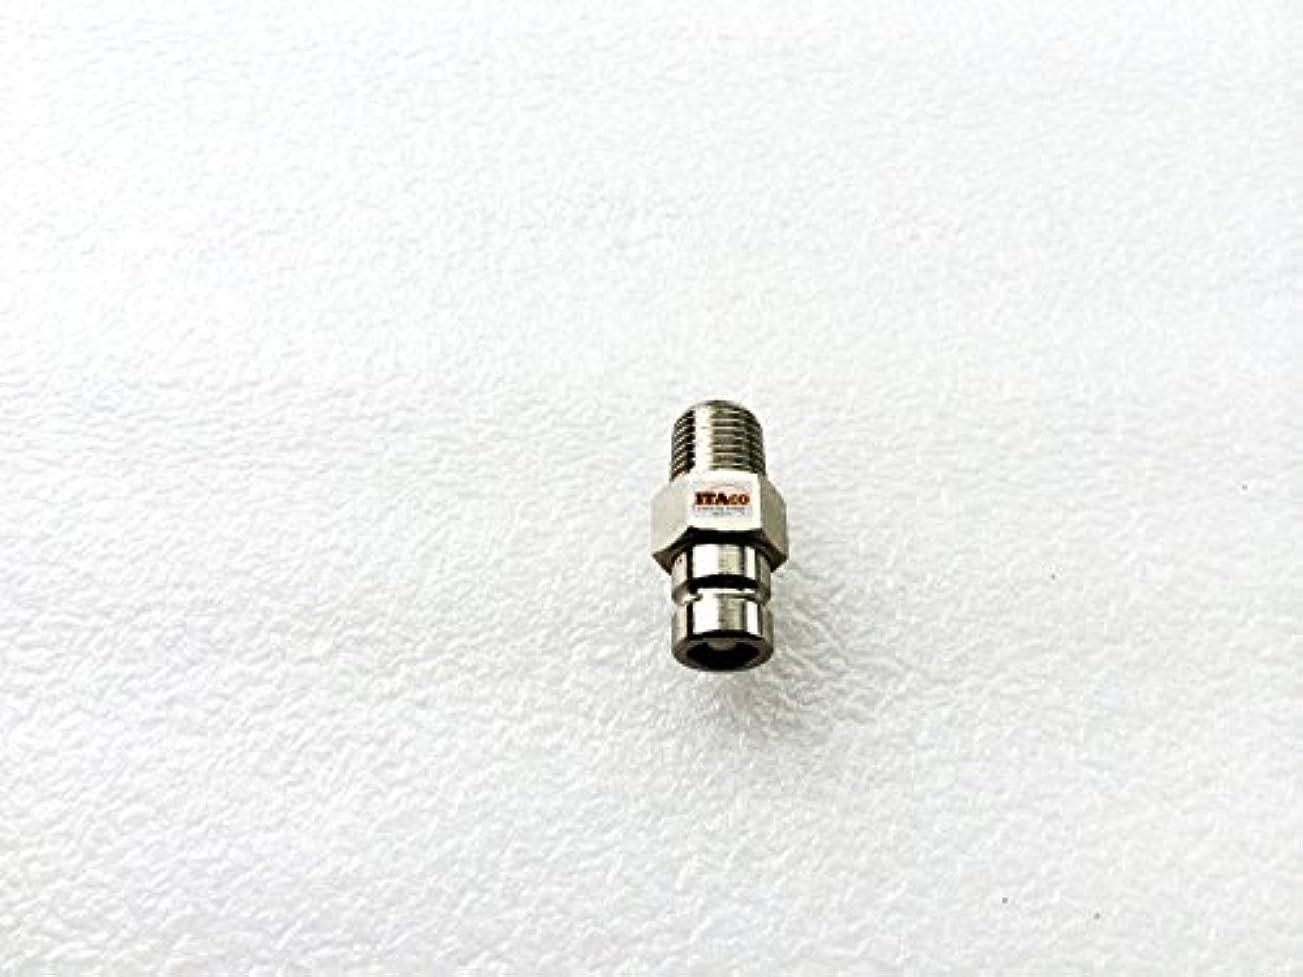 革命的エンドウ近所の3B2702700M、3B2702701M のためのタンク金属のコネクターはハツ日産船外機の 5HP-90HP 2/4t